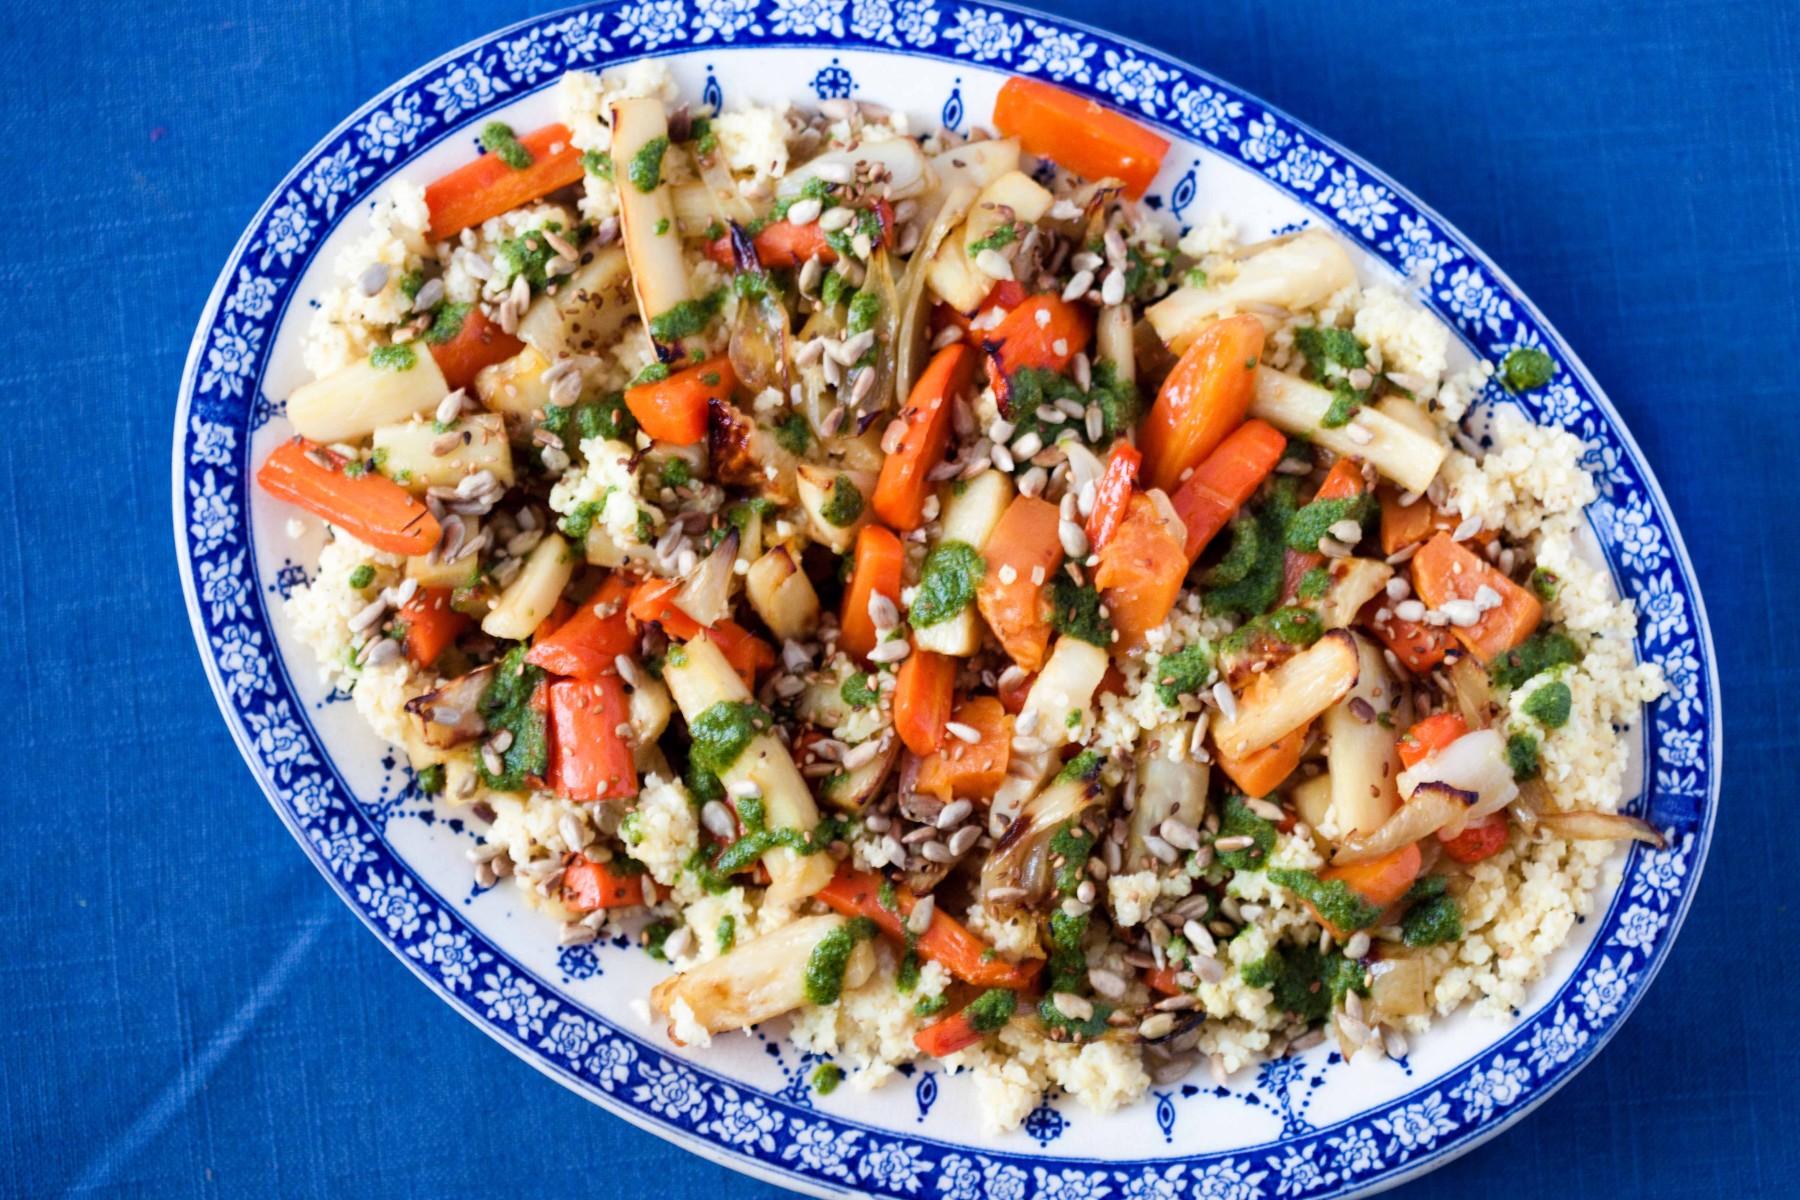 salatka-z-kaszy-jaglanej-z-warzywami